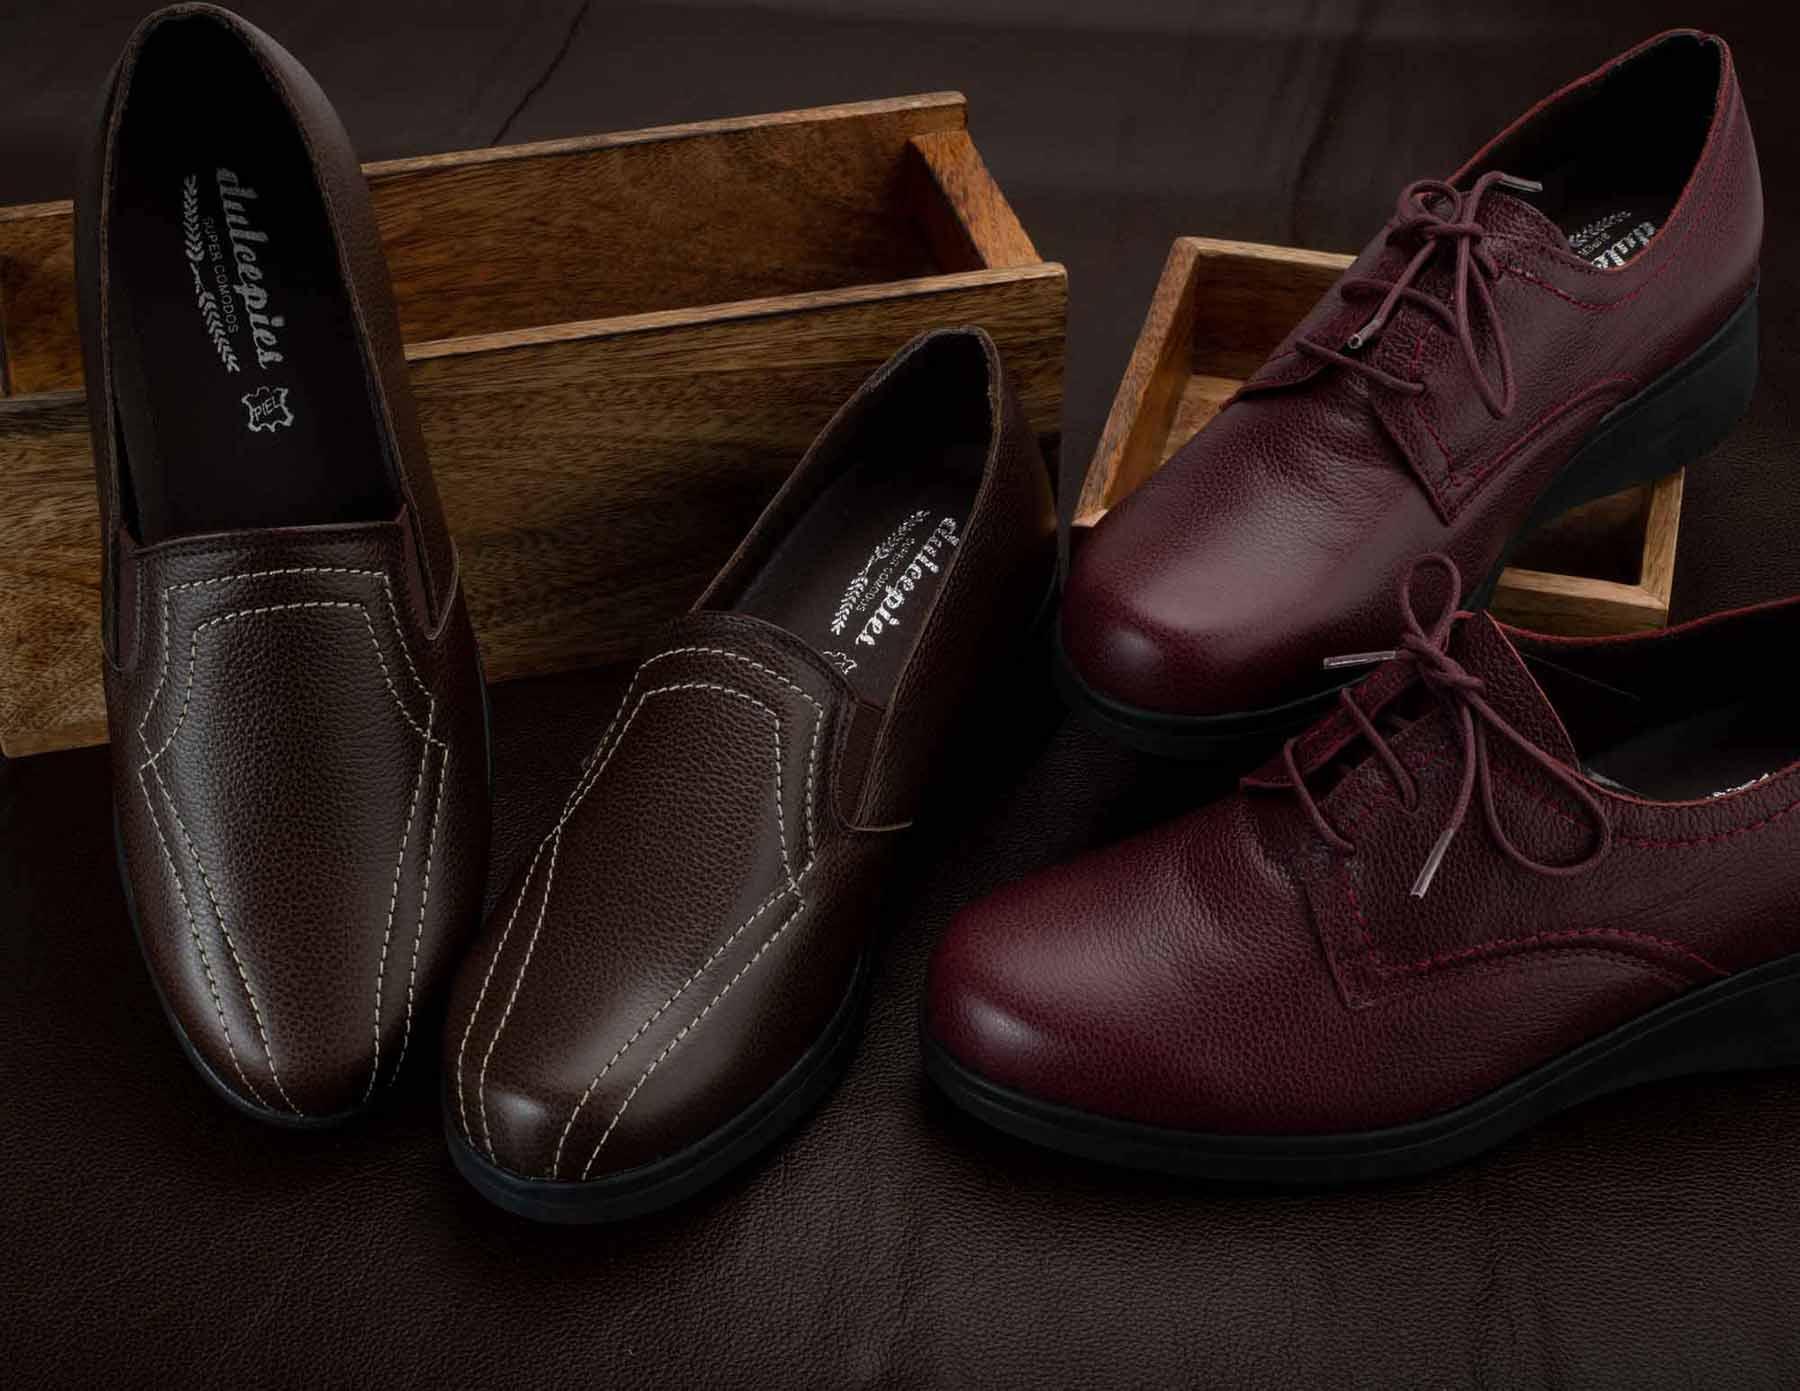 Par de zapatos marrones sobre cajas de madera y blucher en otro color